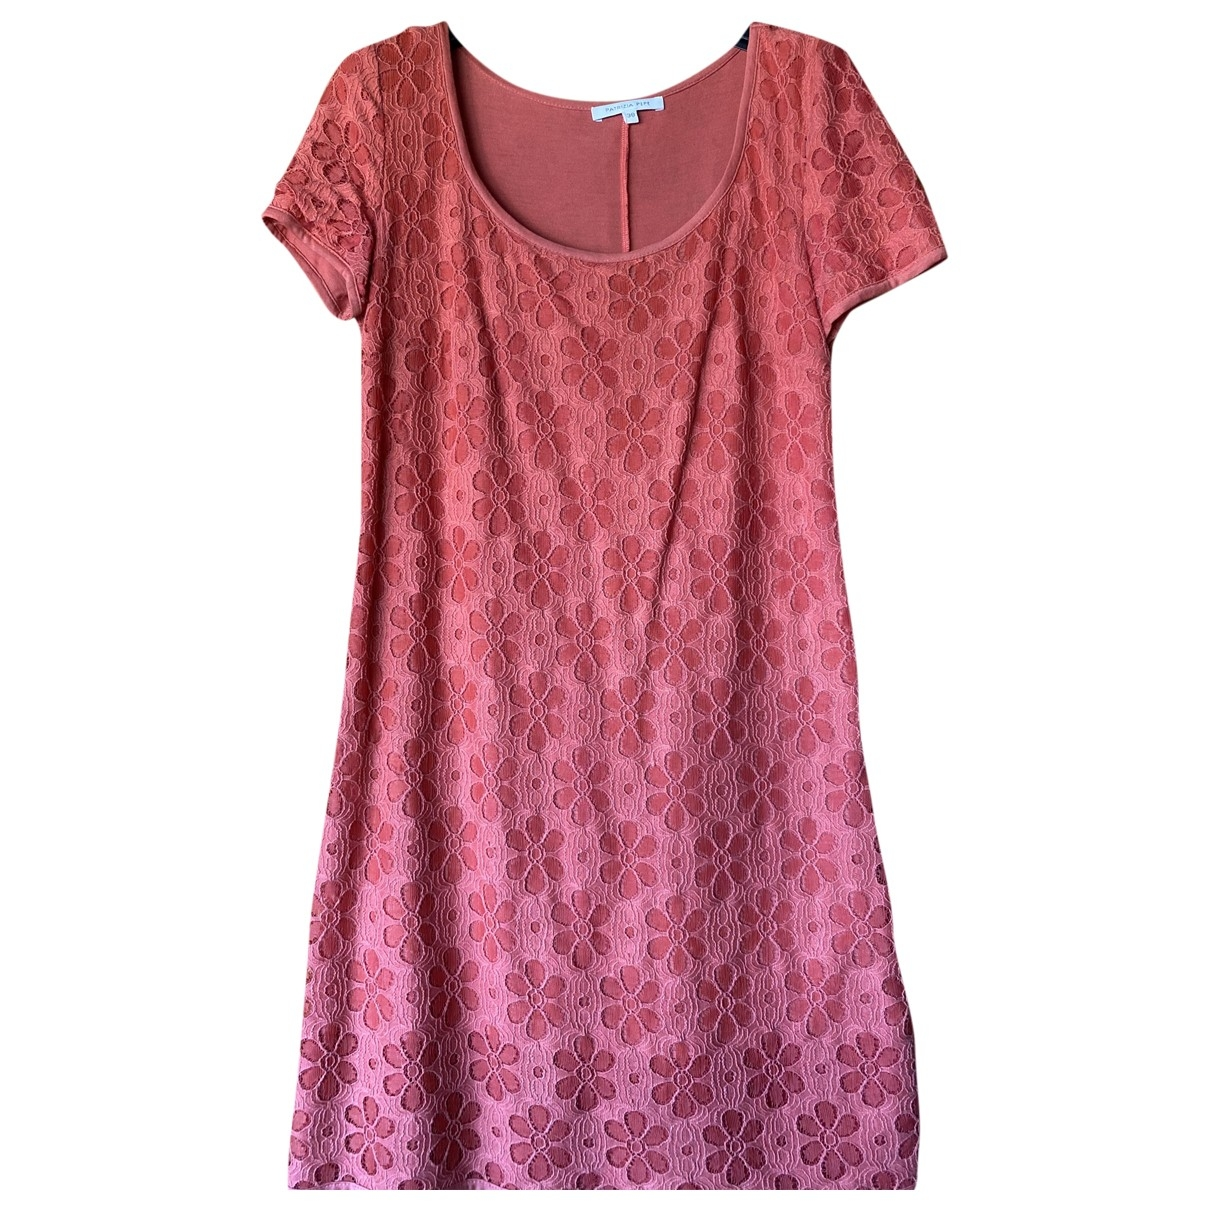 Patrizia Pepe \N Lace dress for Women 38 IT